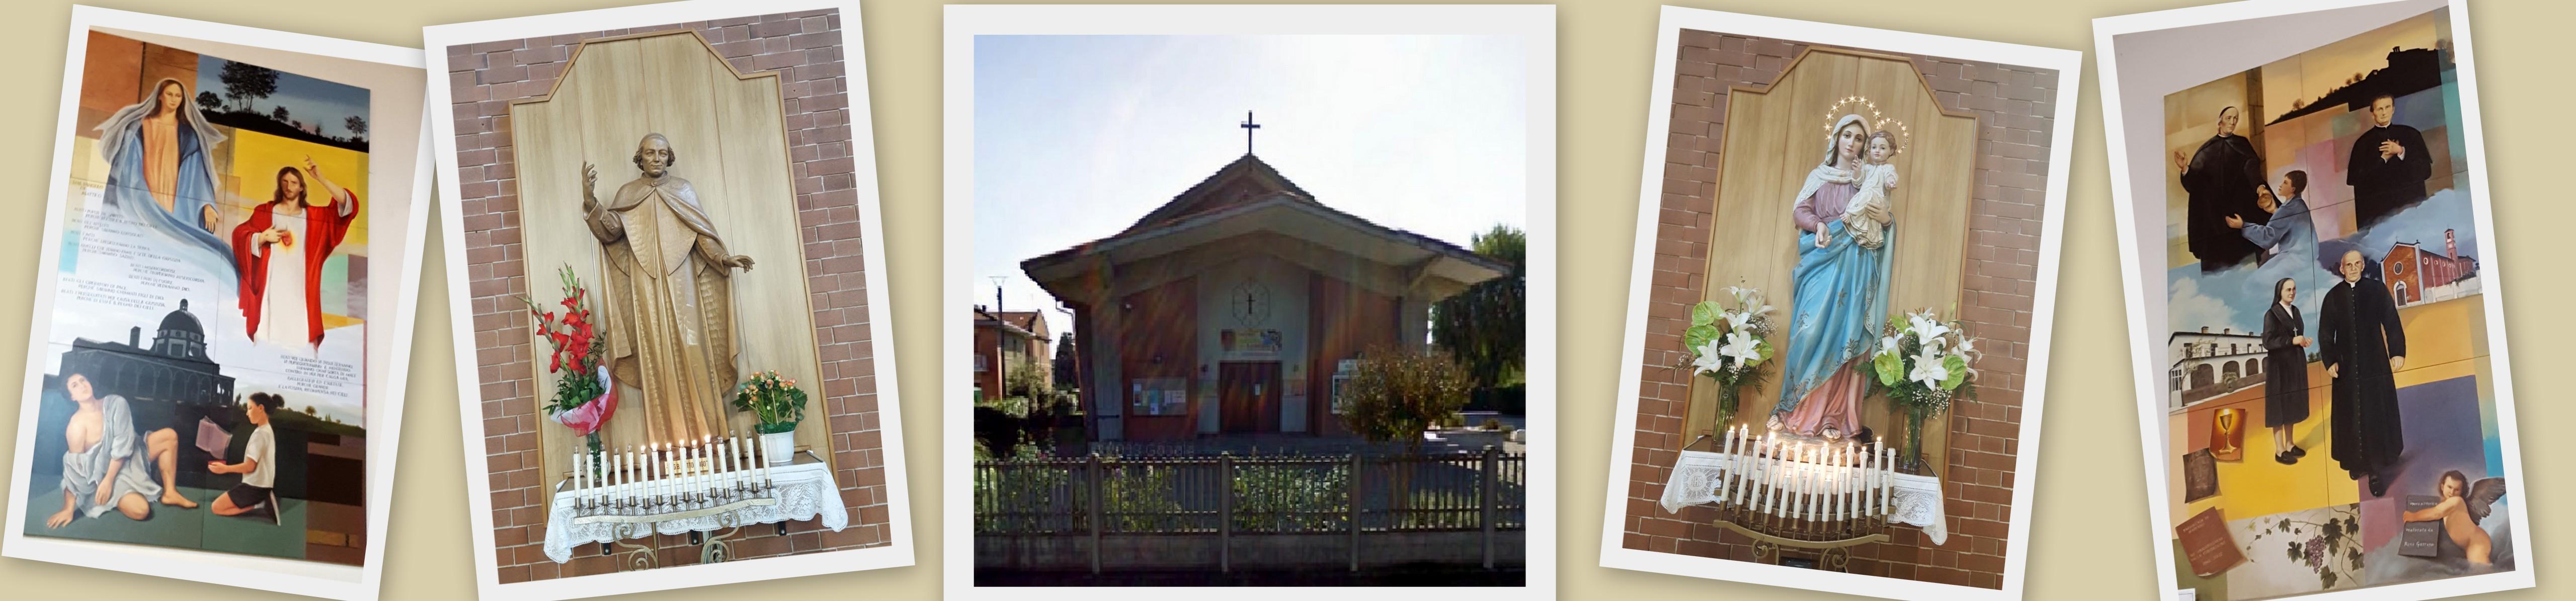 Via Generale Dalla Chiesa, 26 - 10072 Mappano (TO)